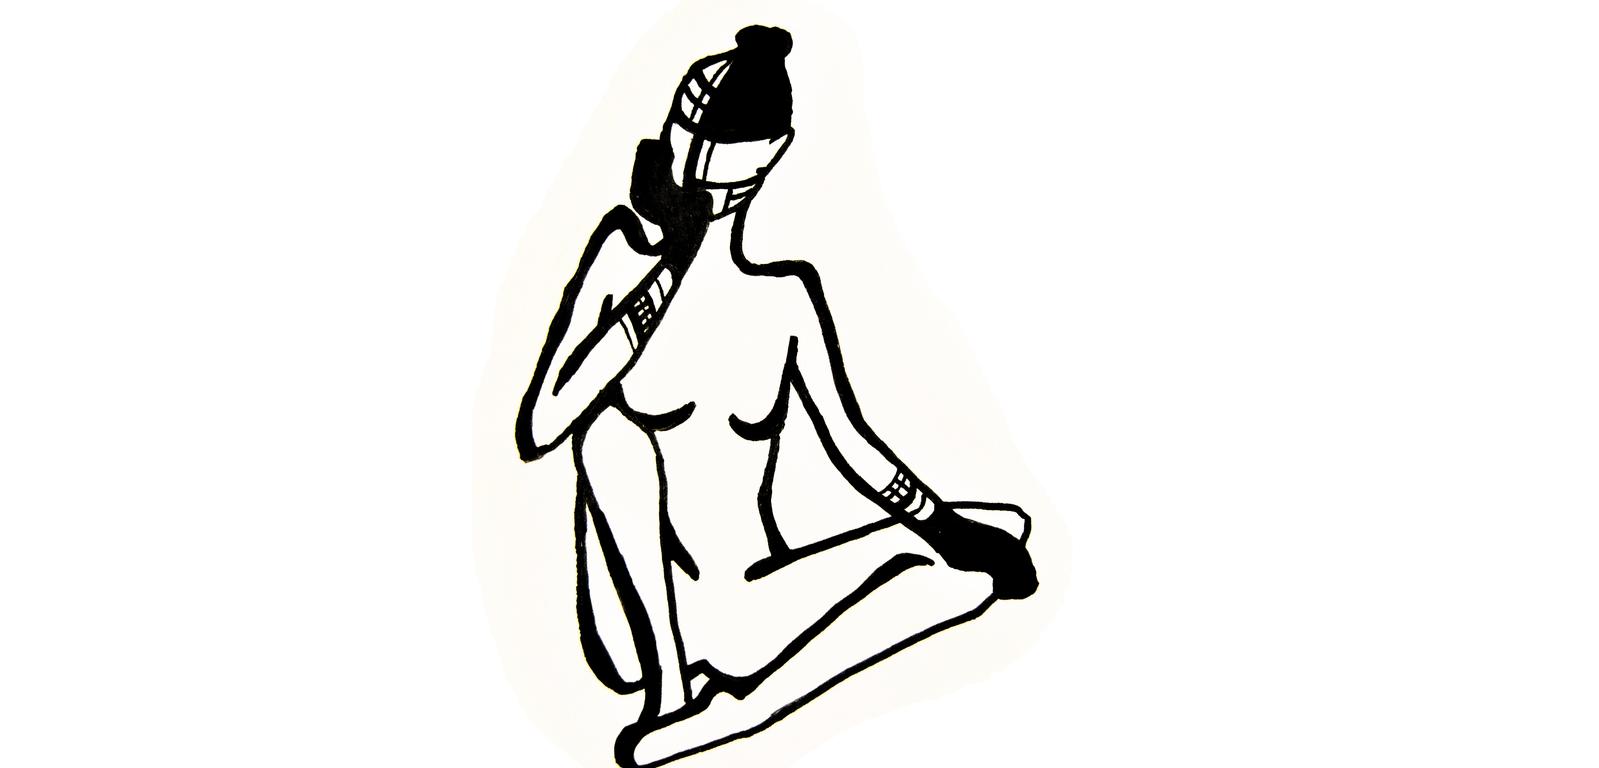 une femme maquillée style ethnique est assise en tailleur la tête dans sa main droite. Dessin noir et blanc de Ronja Mueho.